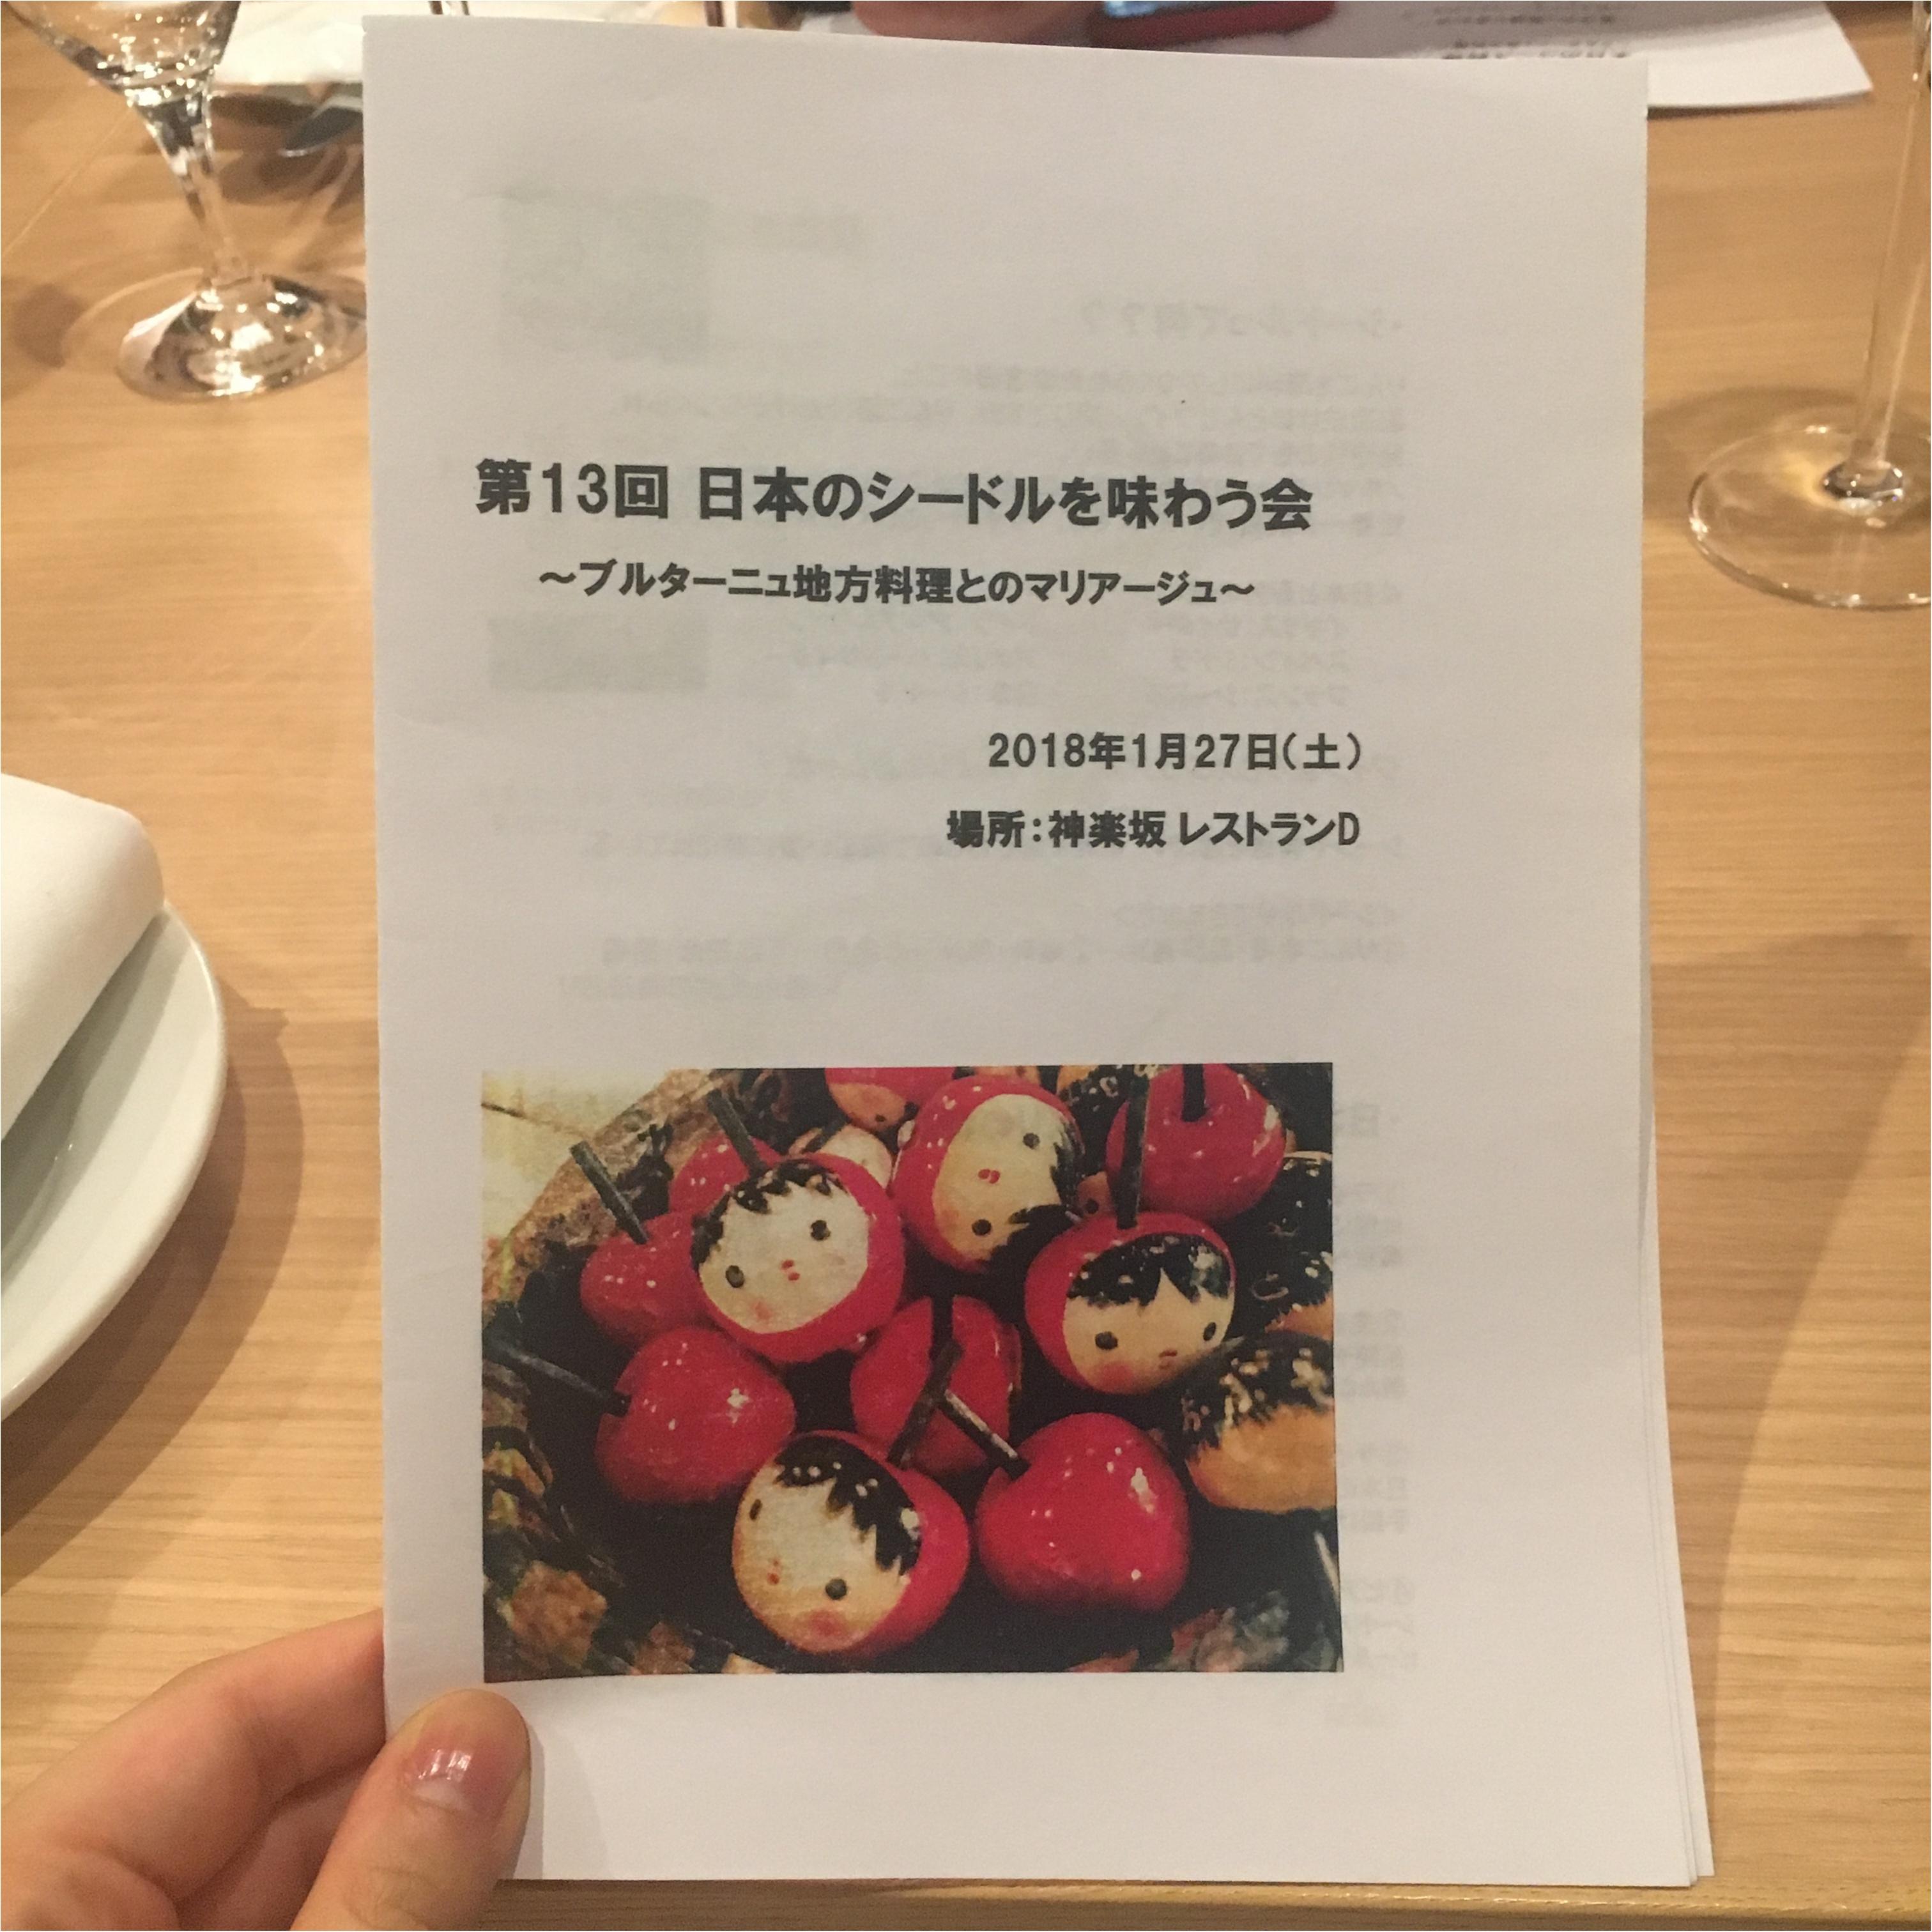 【シードル飲み比べ】第13回日本のシードルを味わう会〜ブルターニュ地方料理のマリアージュ〜@レストランD_1